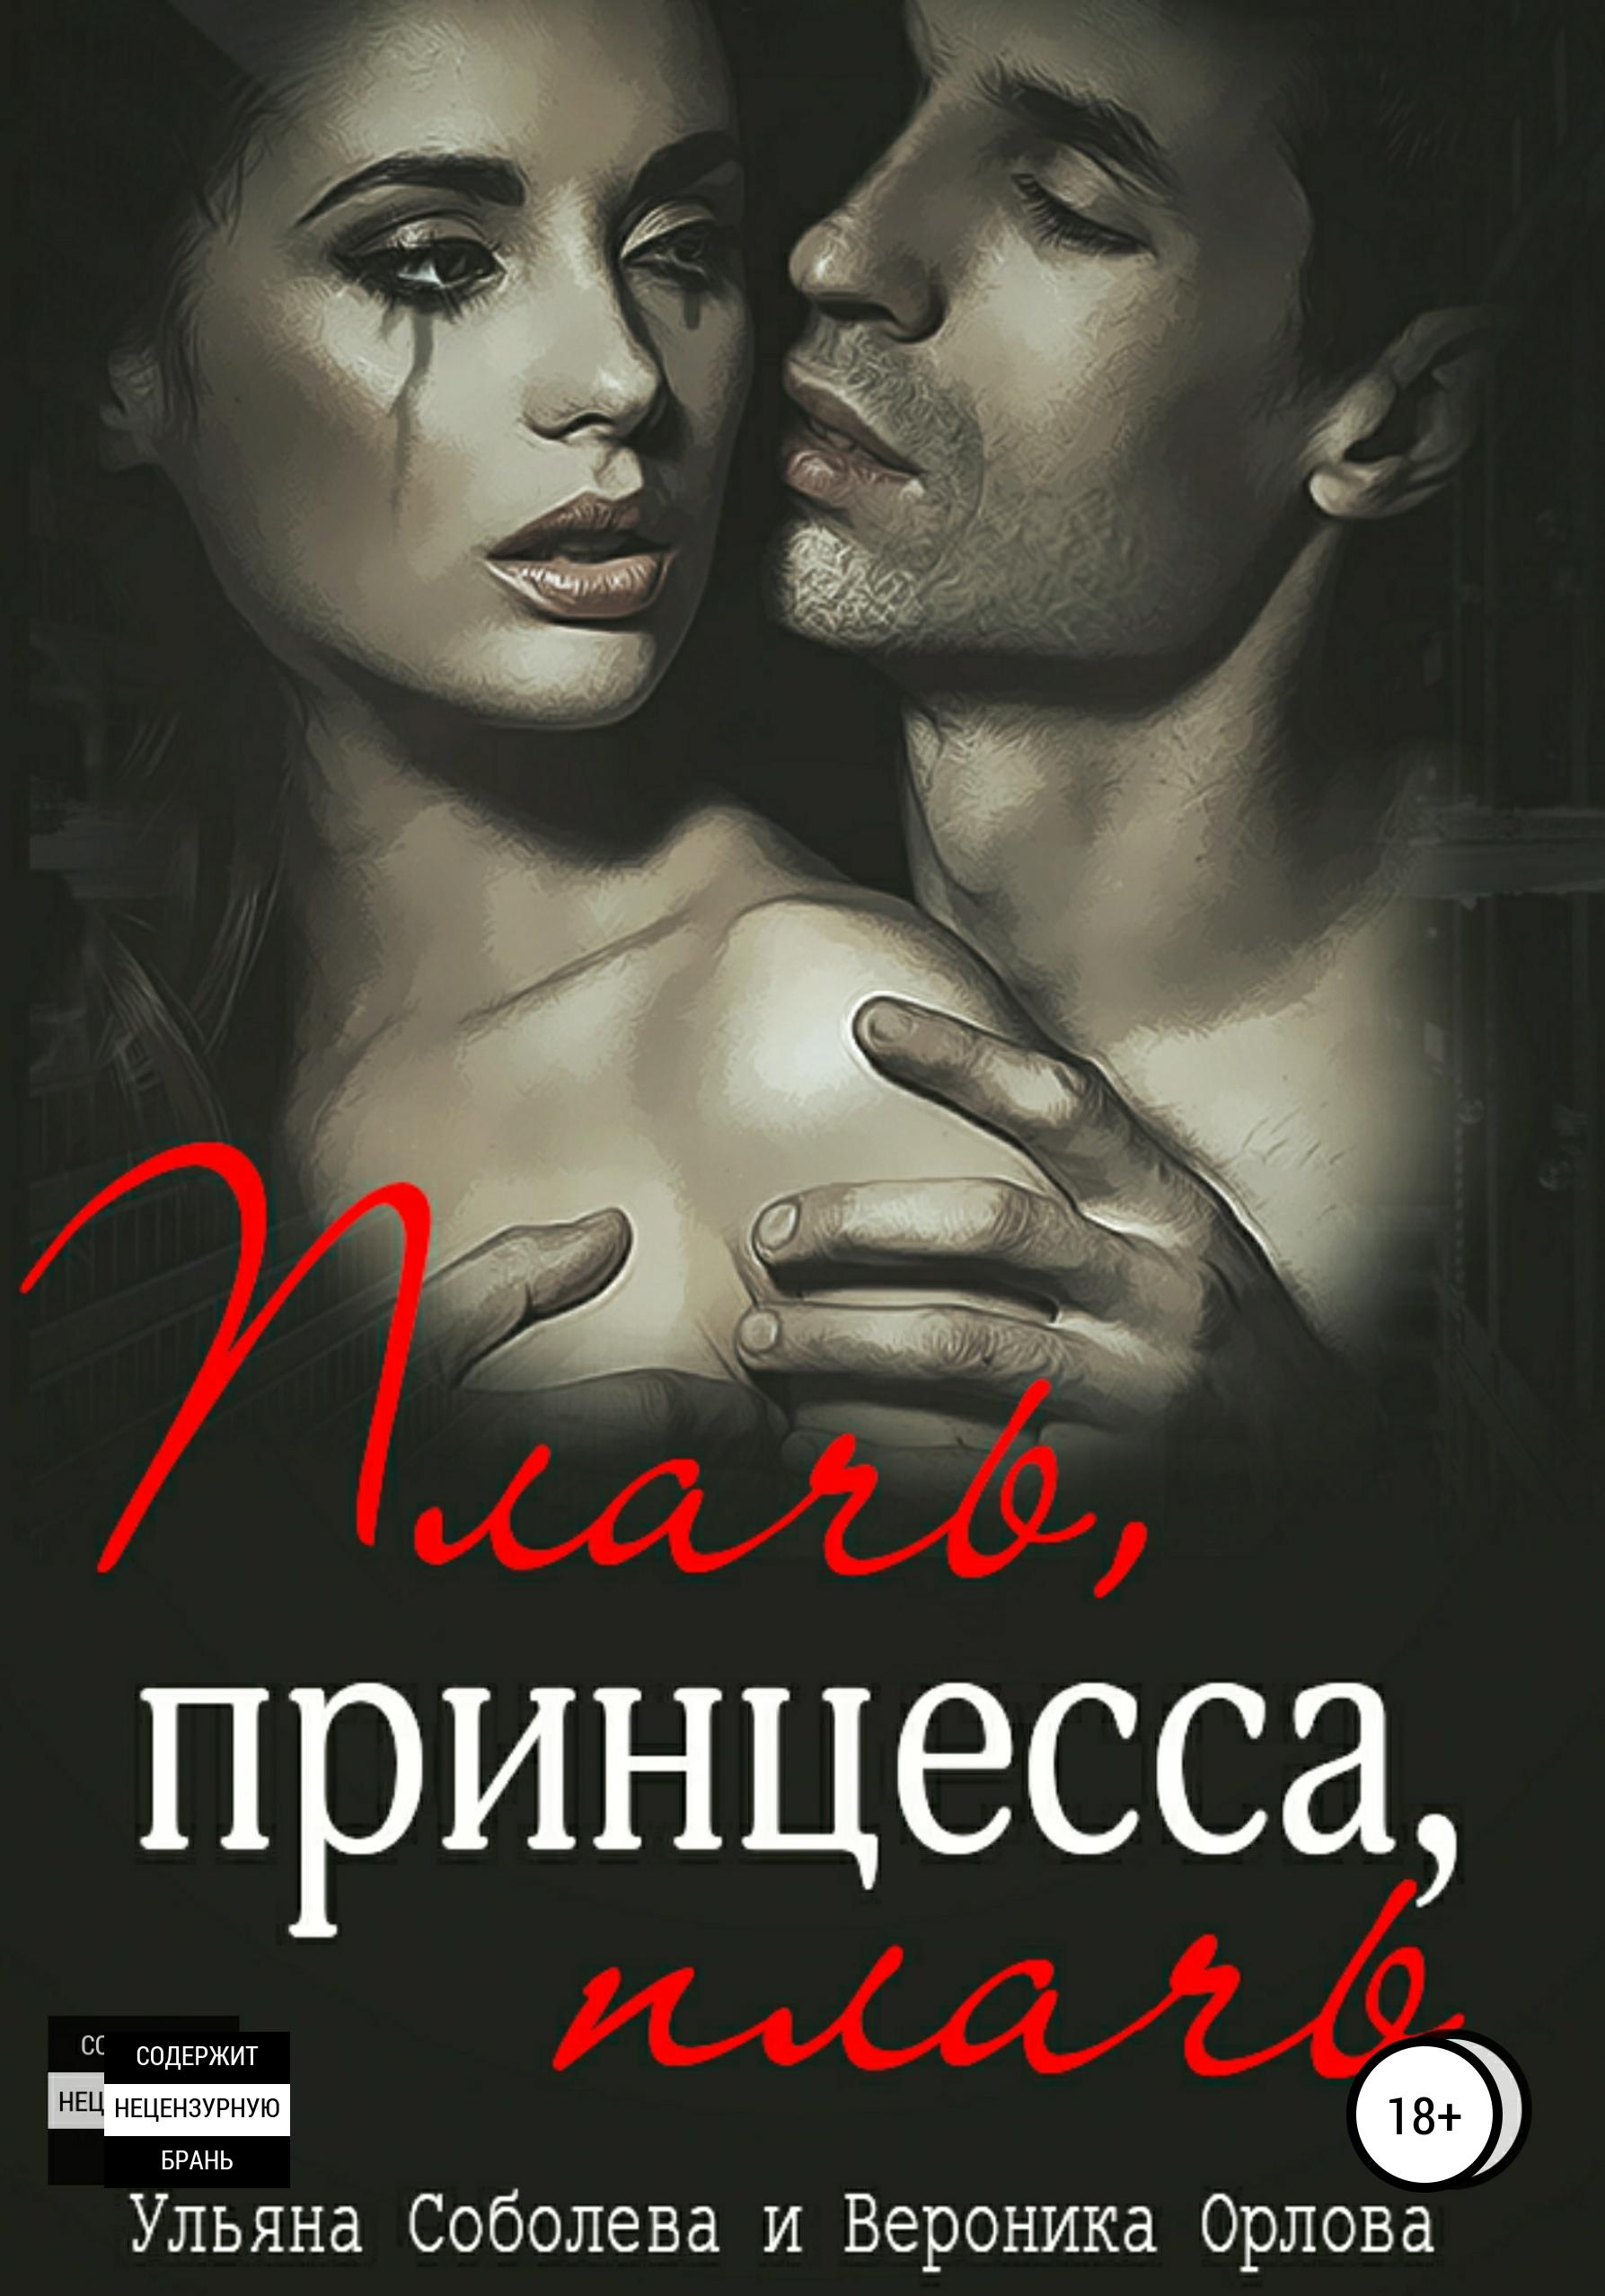 Ульяна Павловна Соболева Плачь, принцесса, плачь ульяна соболева взгляд в бездну